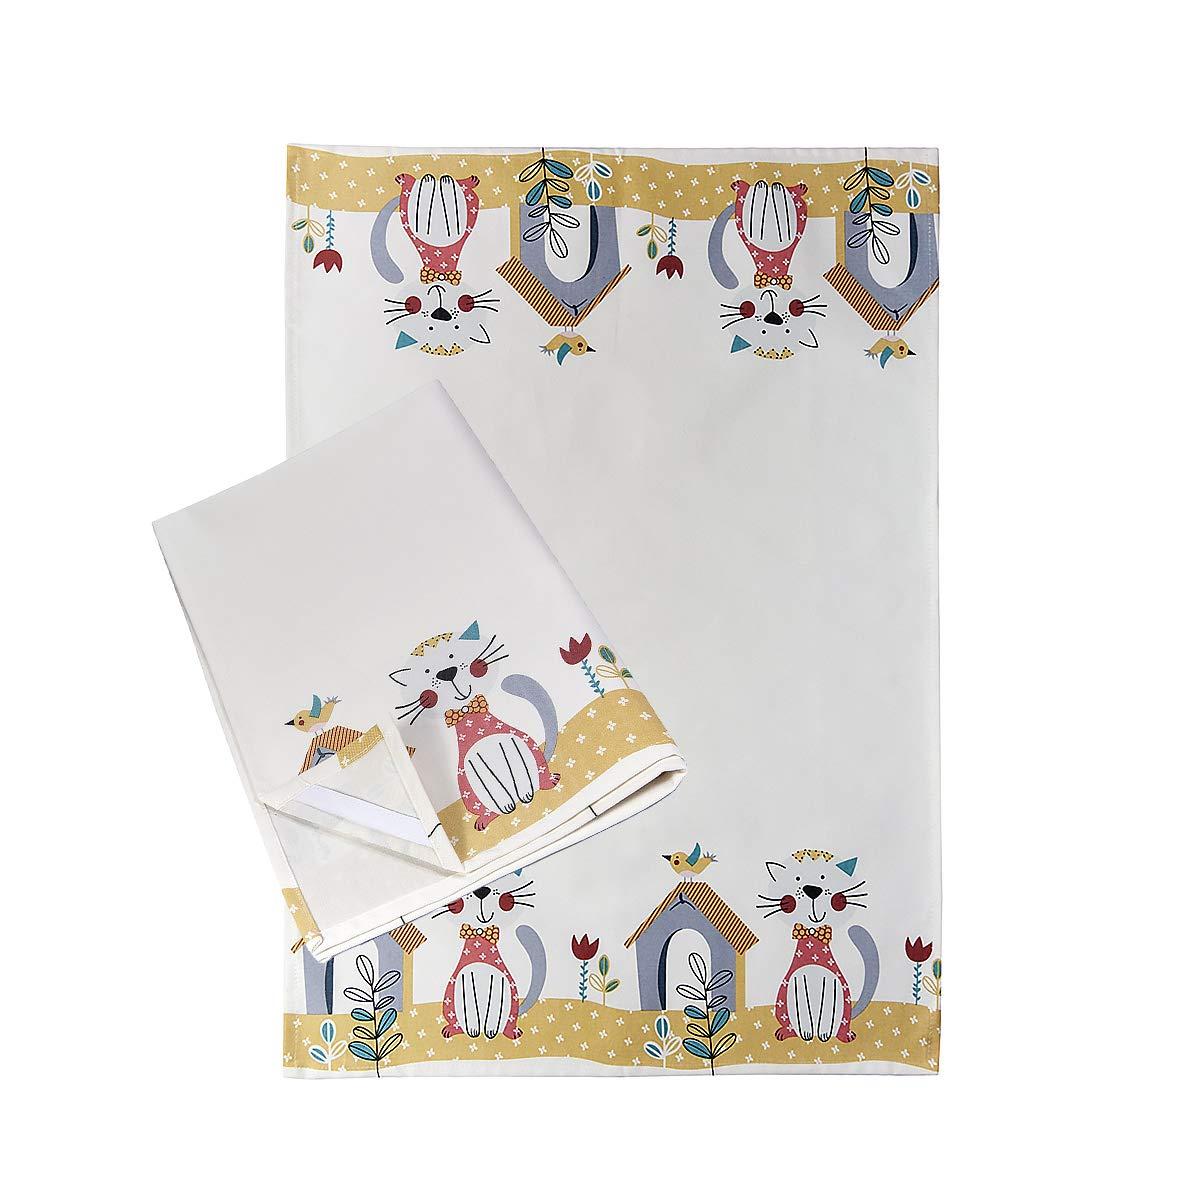 Paños de Cocina, 100% Algodon 50 x 70 cm, Trapos de Cocina, Juego de 2 Blancos con Diseño de Lindo Gato, Regalos Originales para Mujer Amantes de los Gatos y Animales: Amazon.es: Hogar